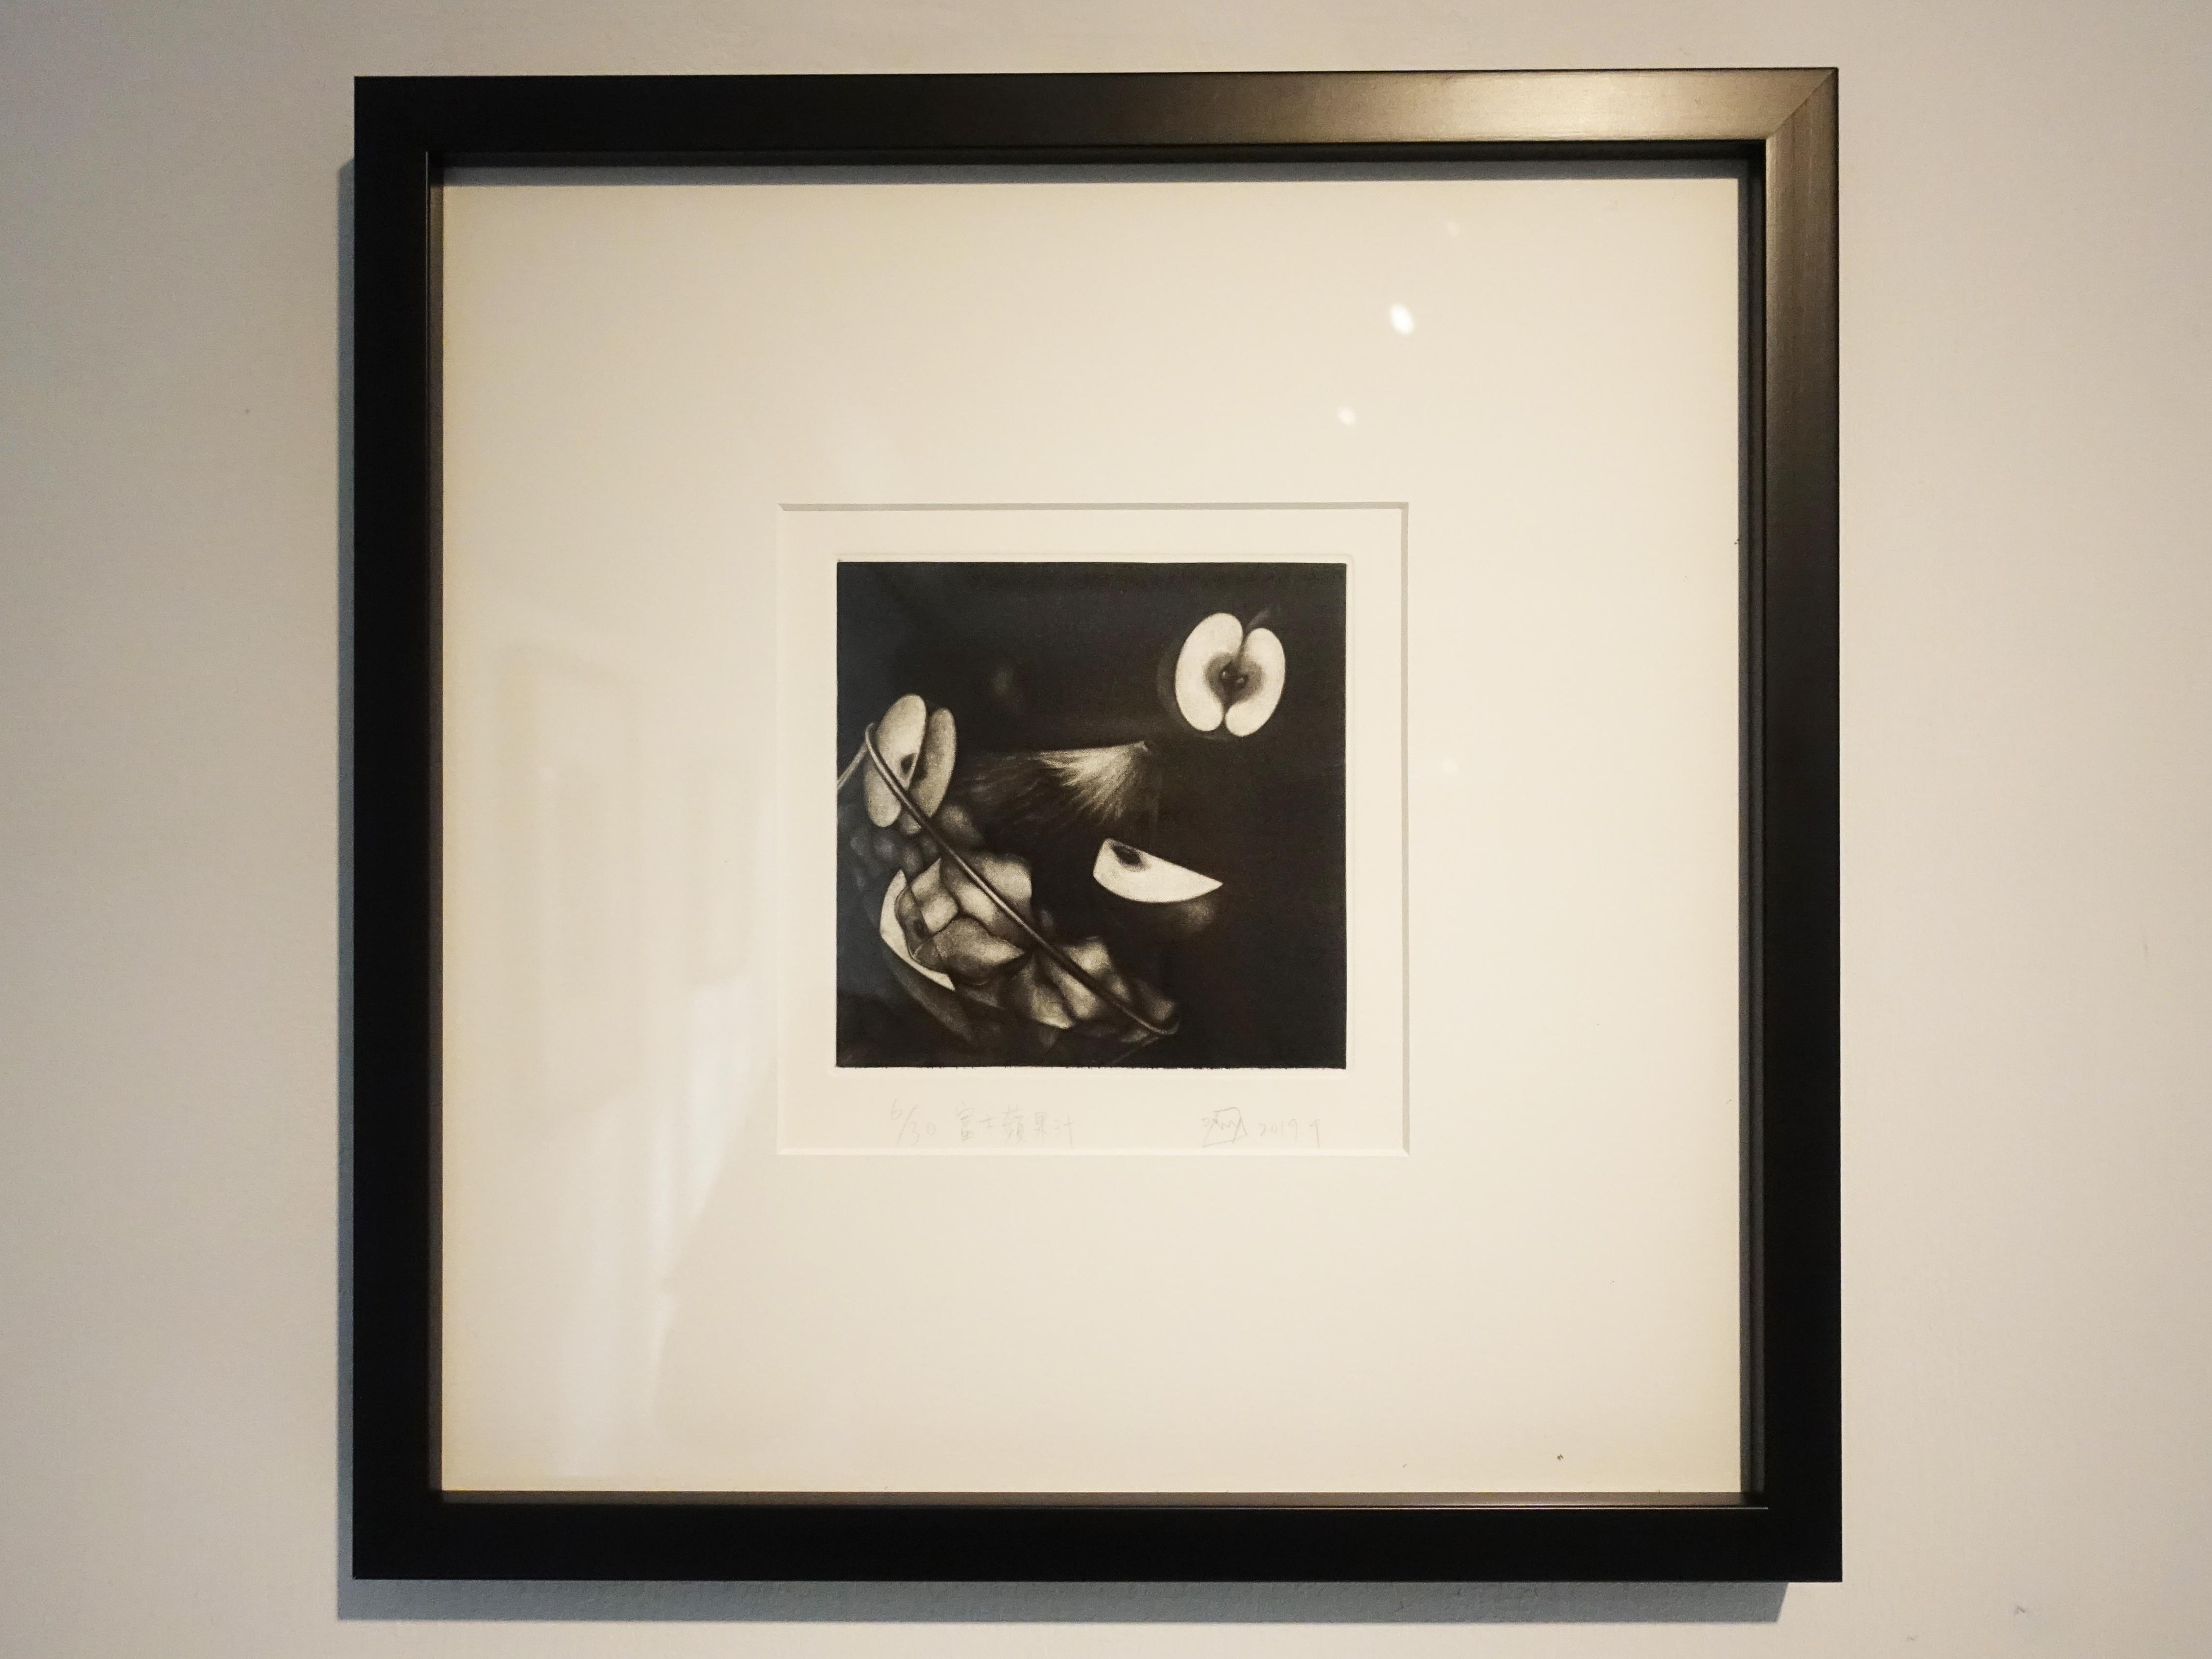 孟家安,《富士蘋果汁》,15 x 15 cm,美柔丁6/30,2019。